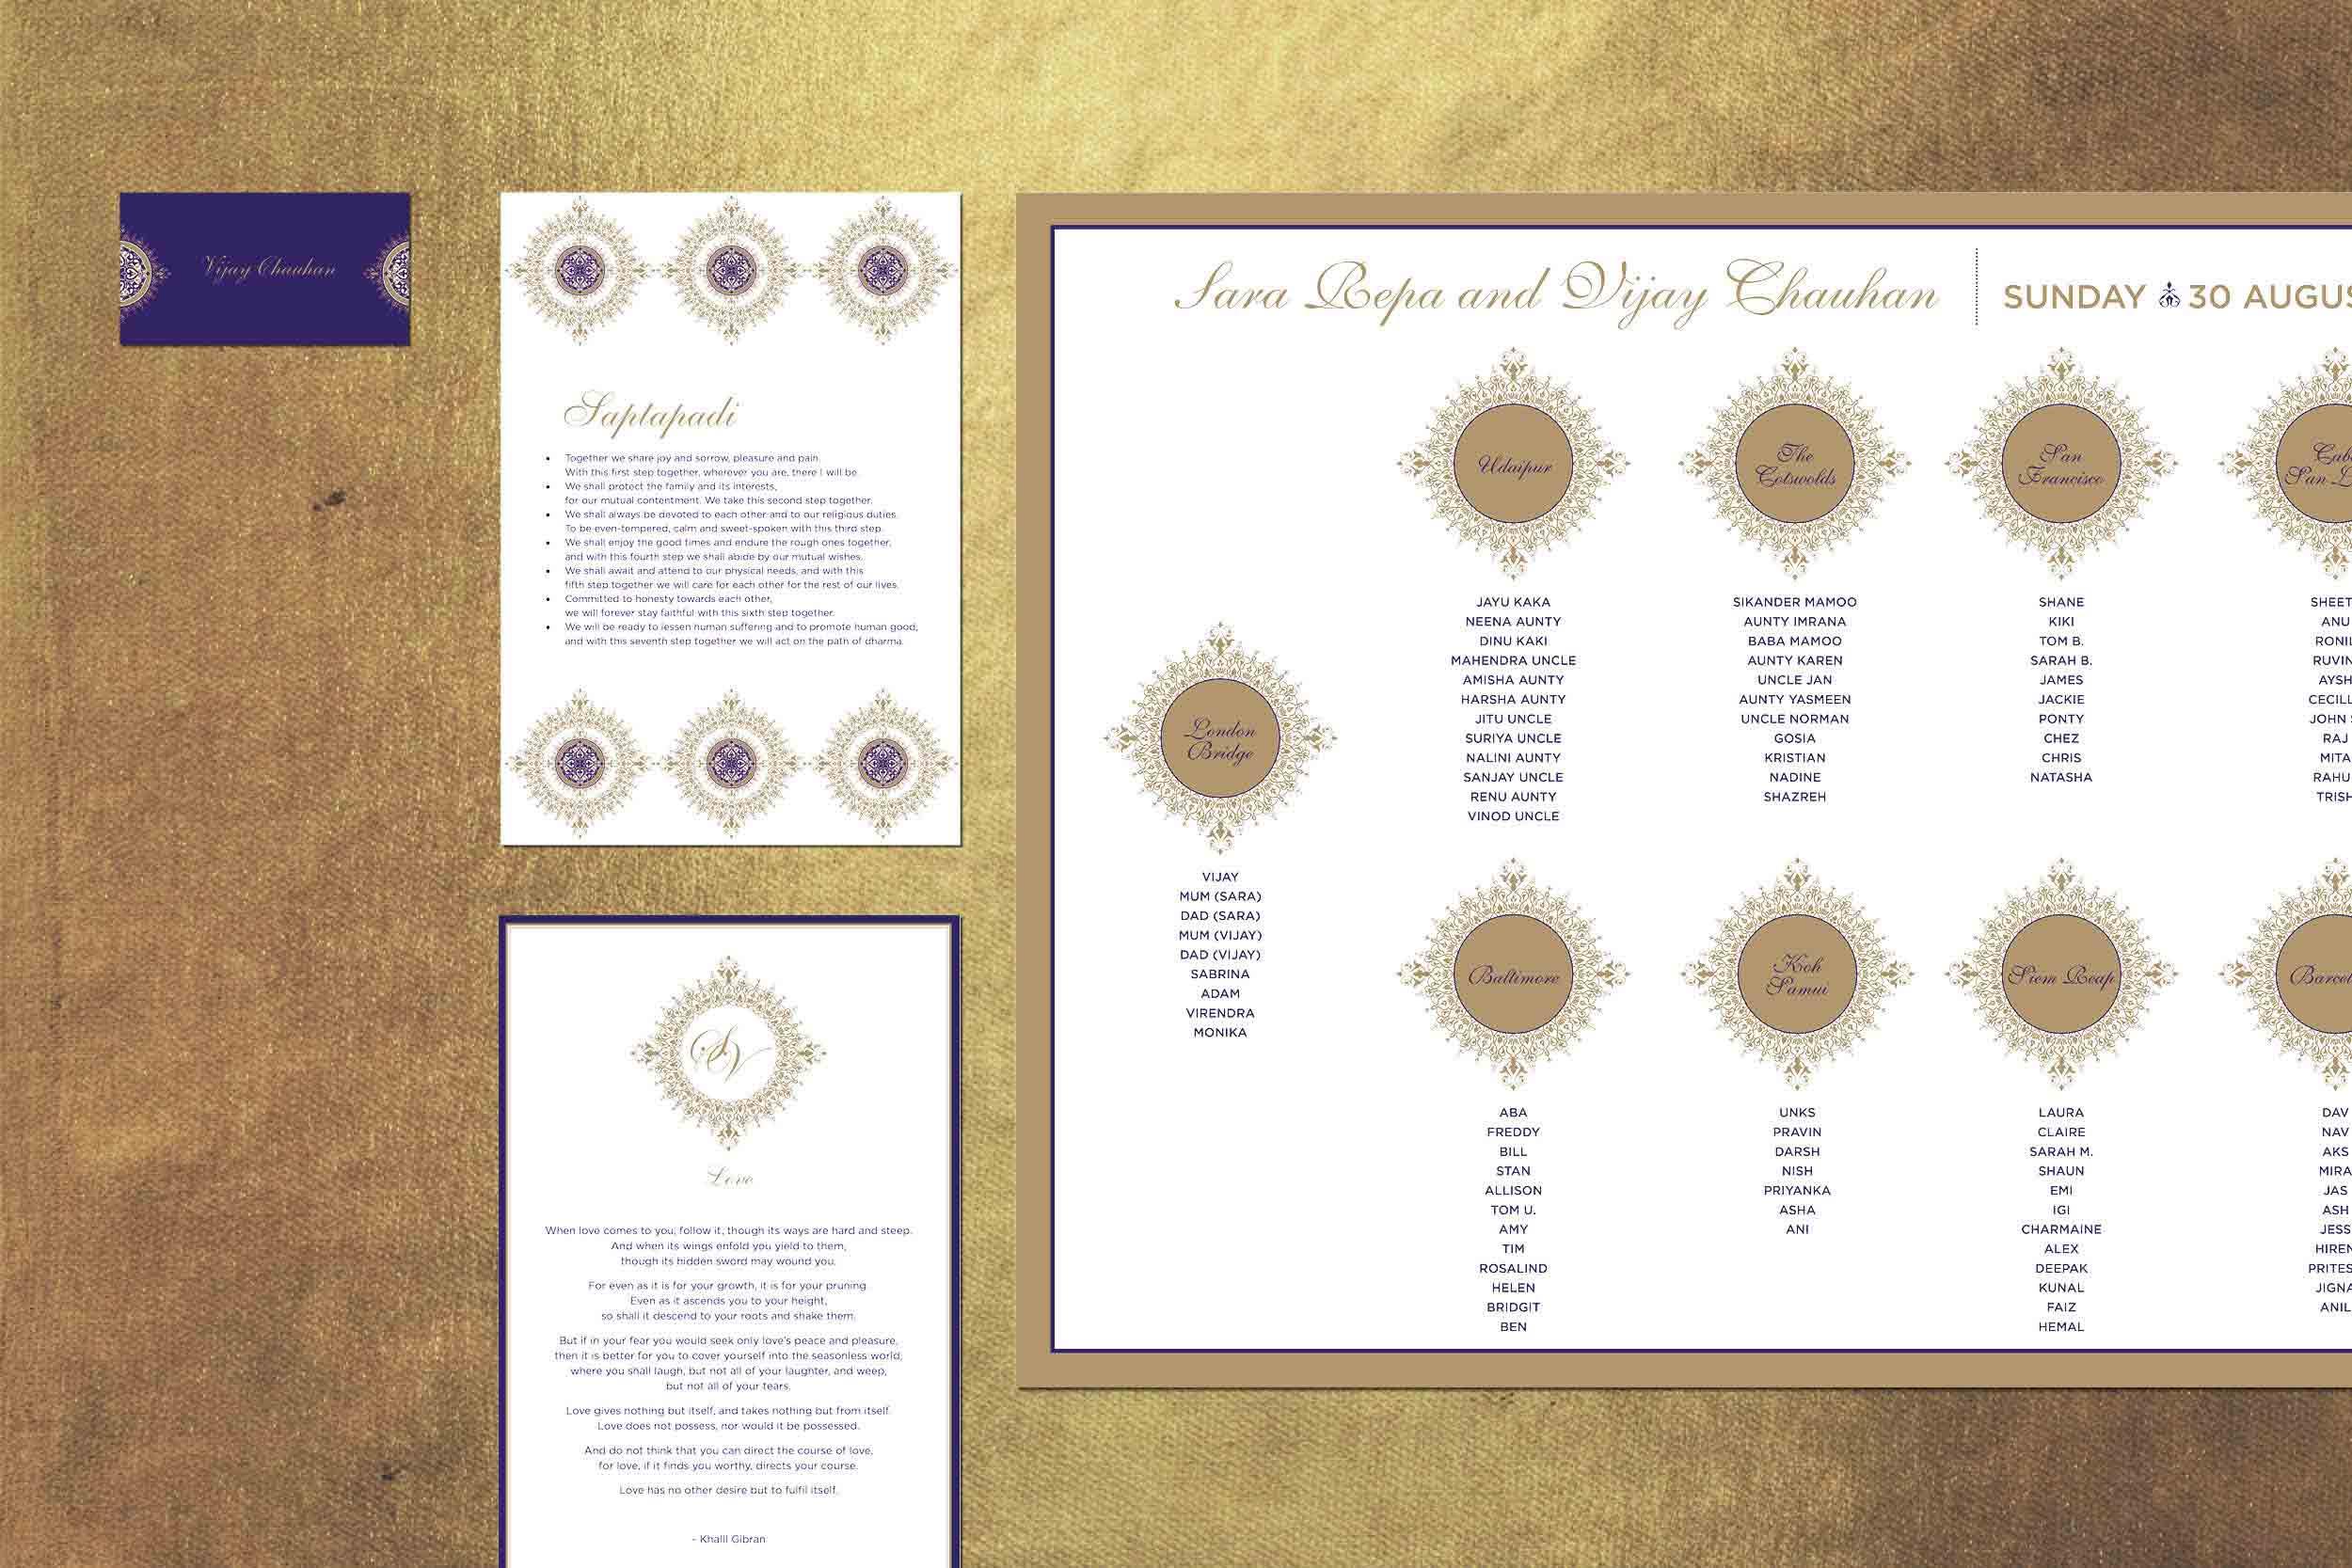 bespoke_wedding_stationery_mandala_ananyacards.com-02.jpg